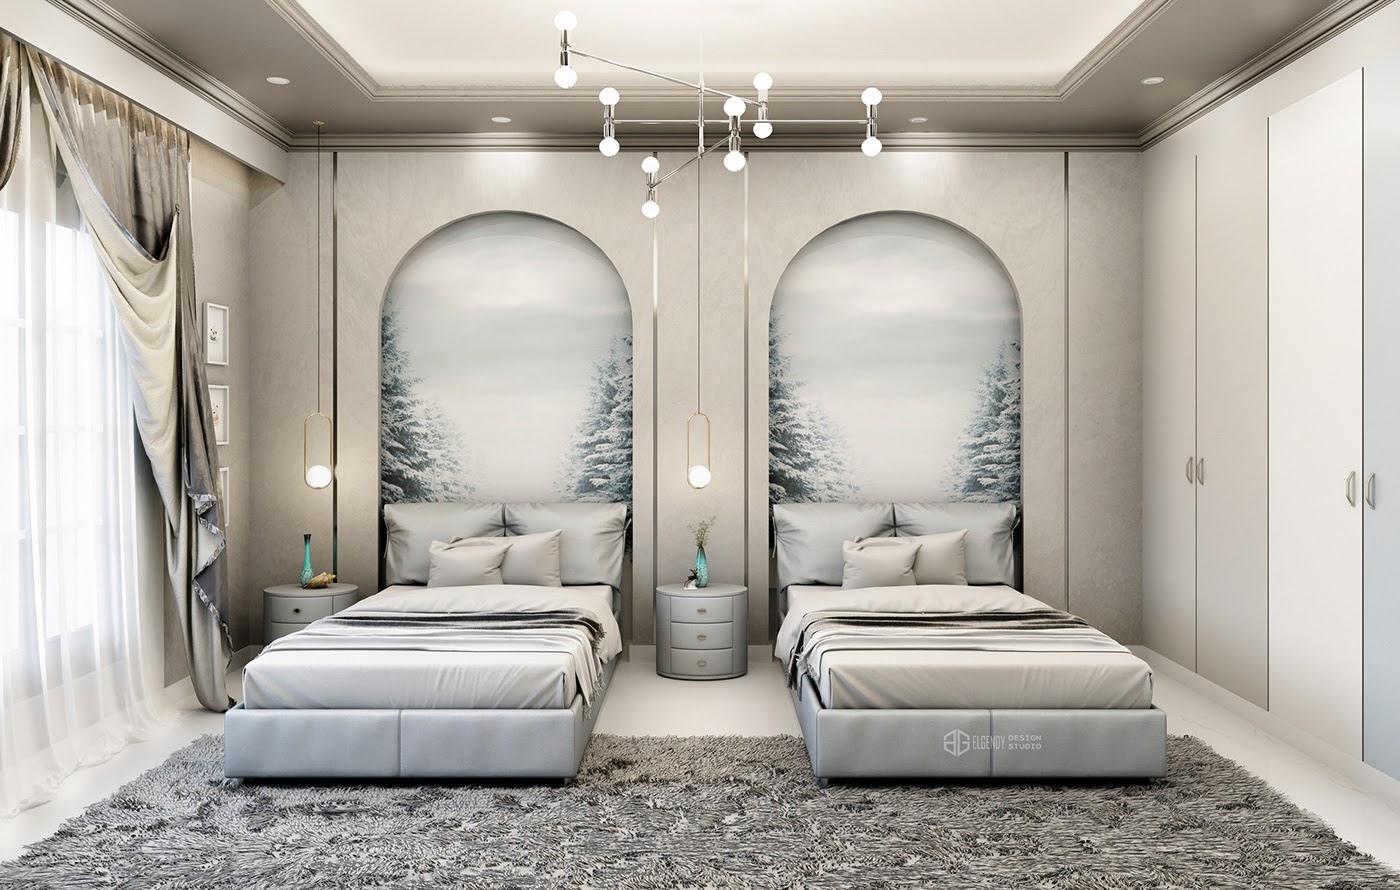 Bố trí phòng ngủ 2 giường cho người lớn với không gian đồng bộ